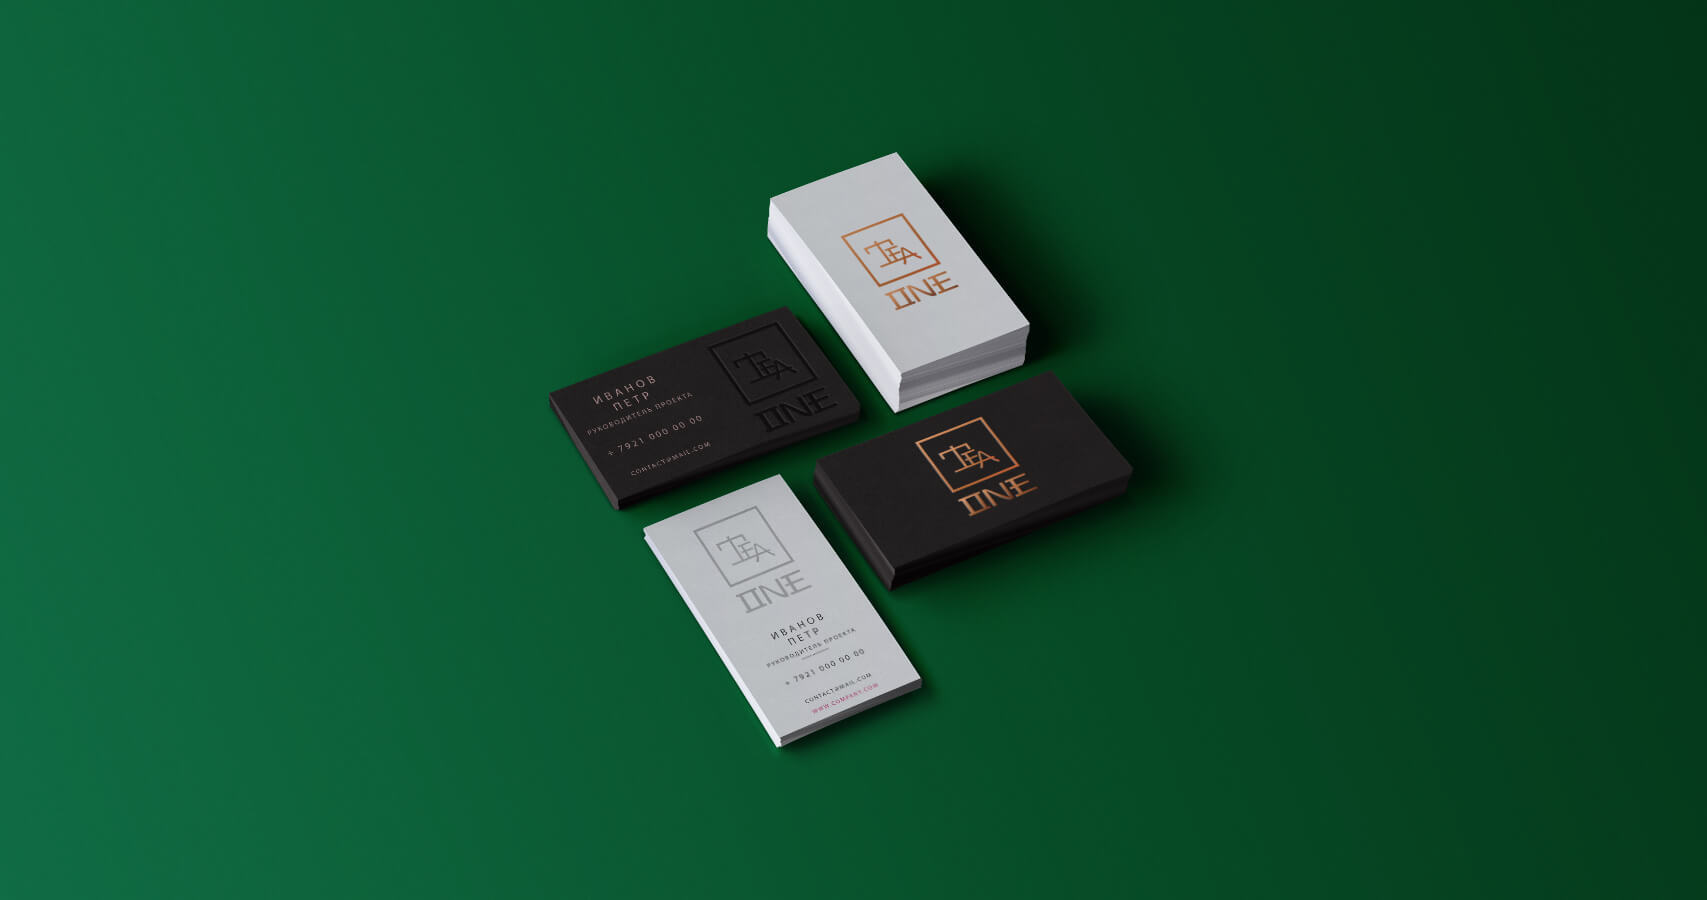 Tea One: разработка логотипа и фирменного стиля для интернет-магазина чая 2